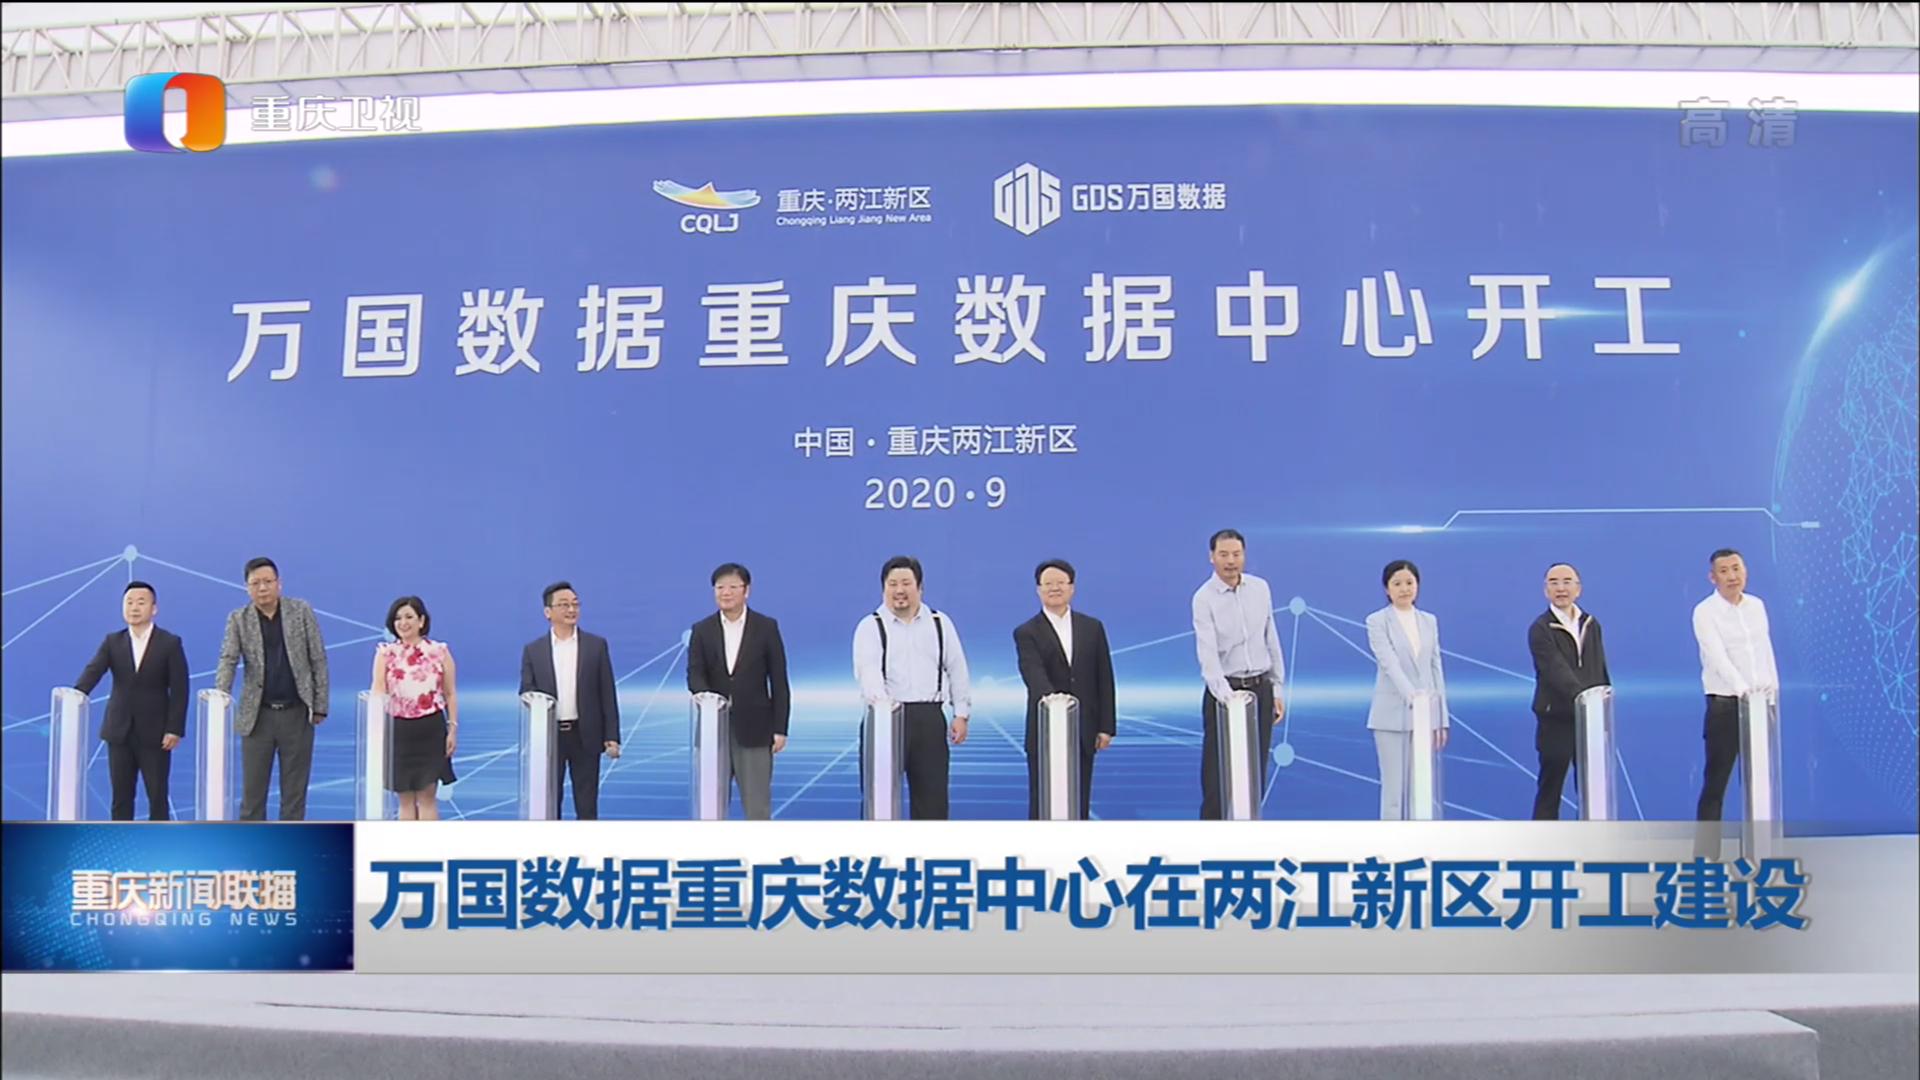 万国数据重庆数据中心在两江新区开工建设